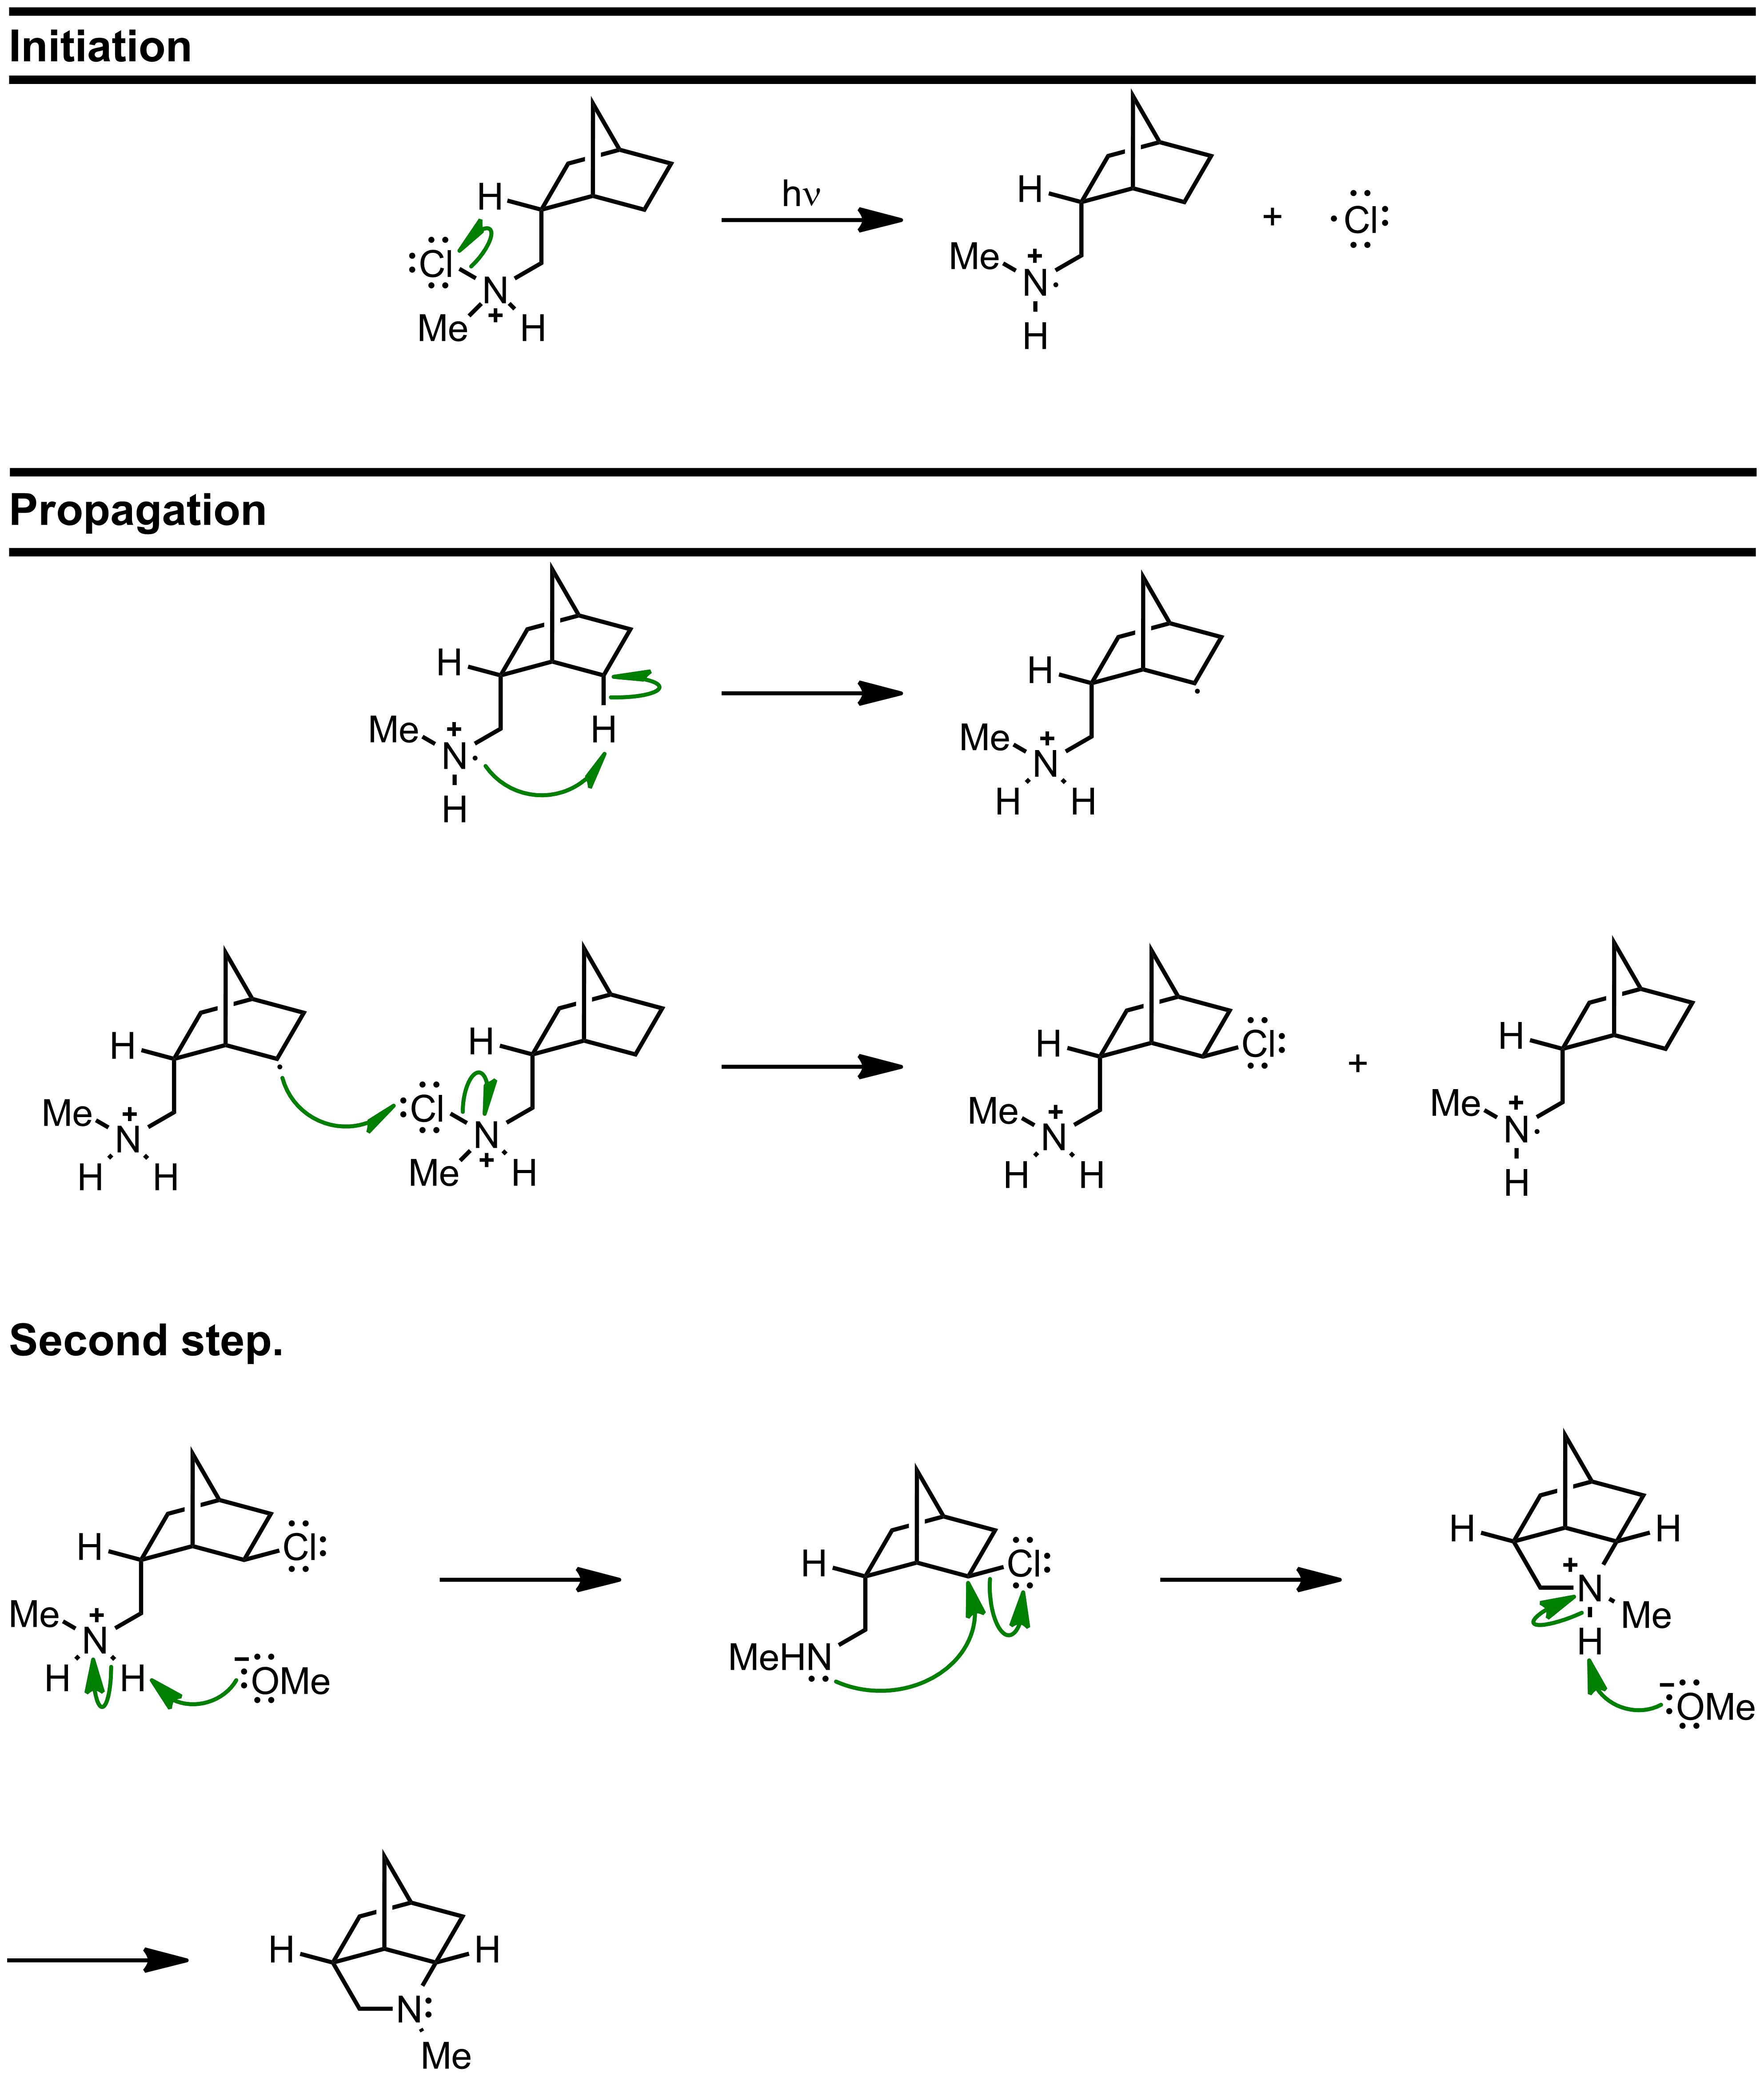 Mechanism of the Hofmann-Löffler-Freytag Reaction